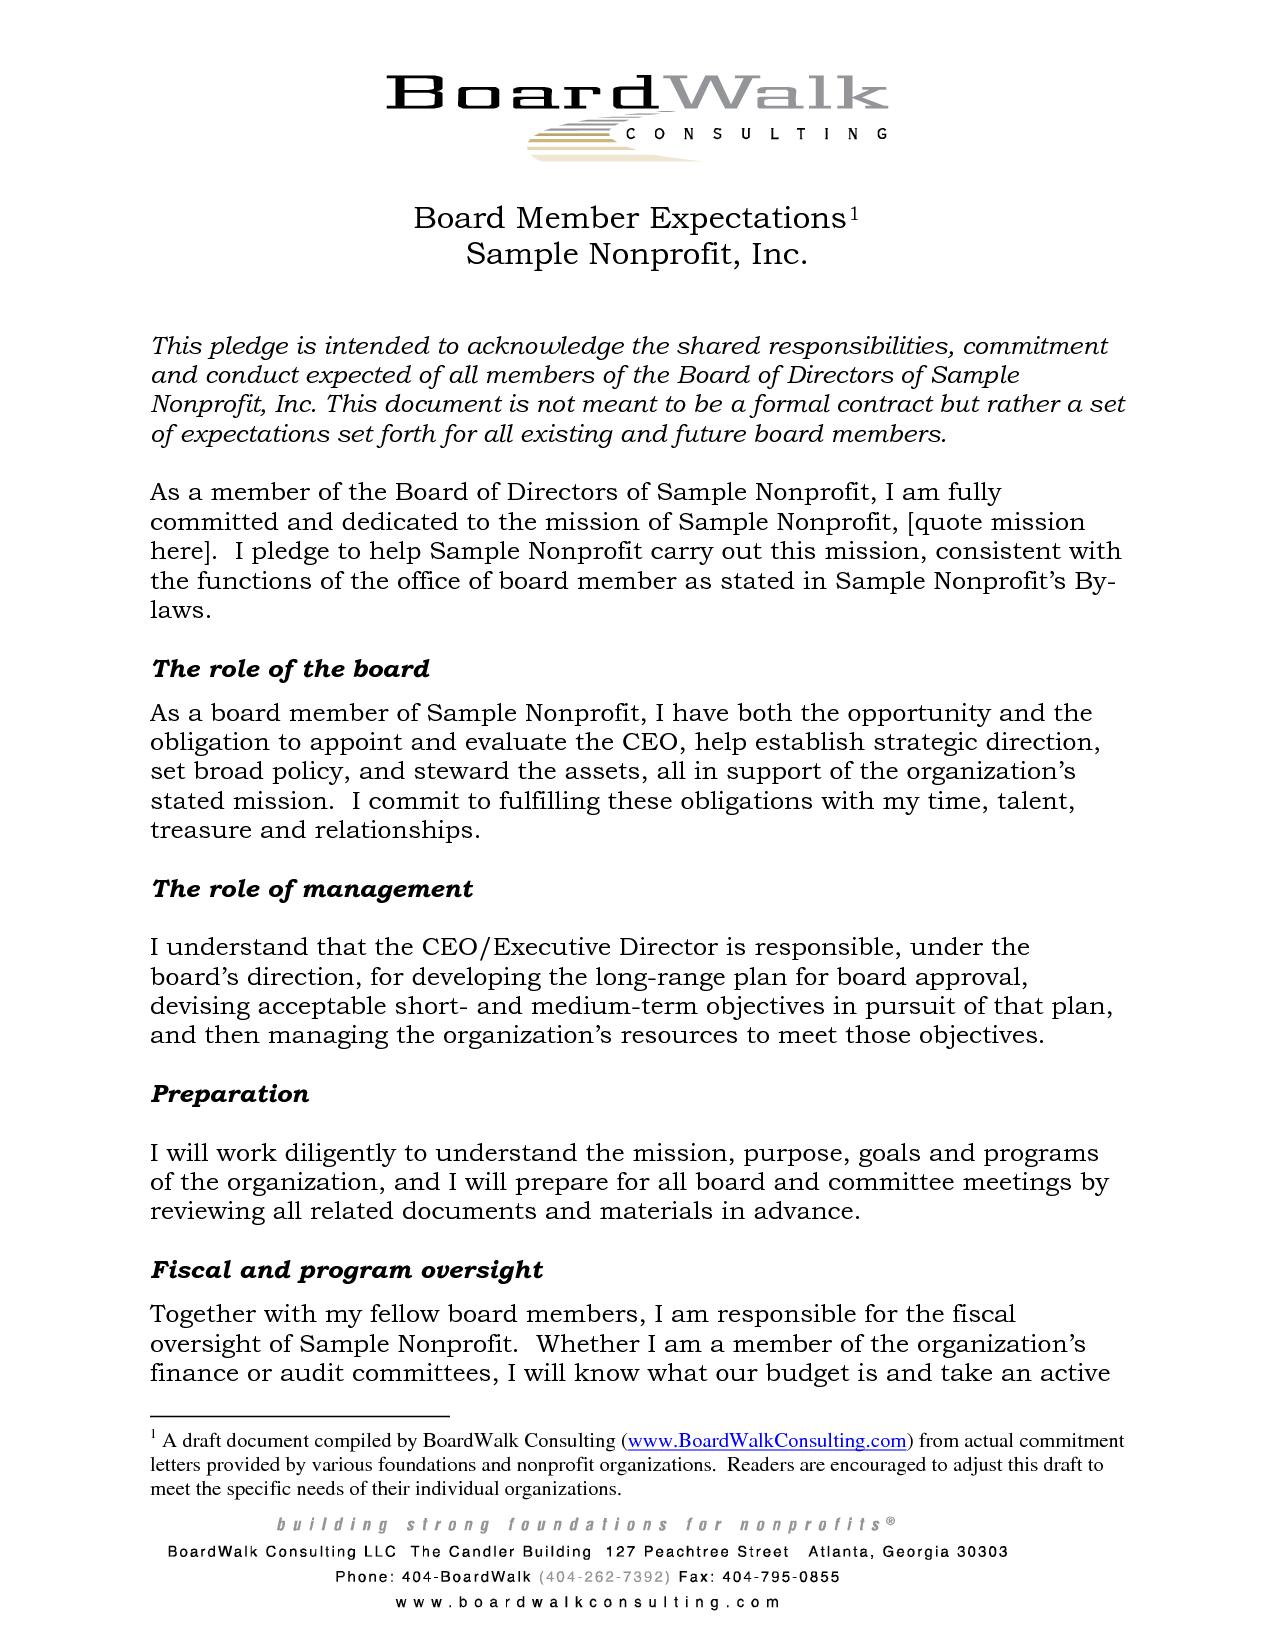 sample pledge letter for donation textpoems org